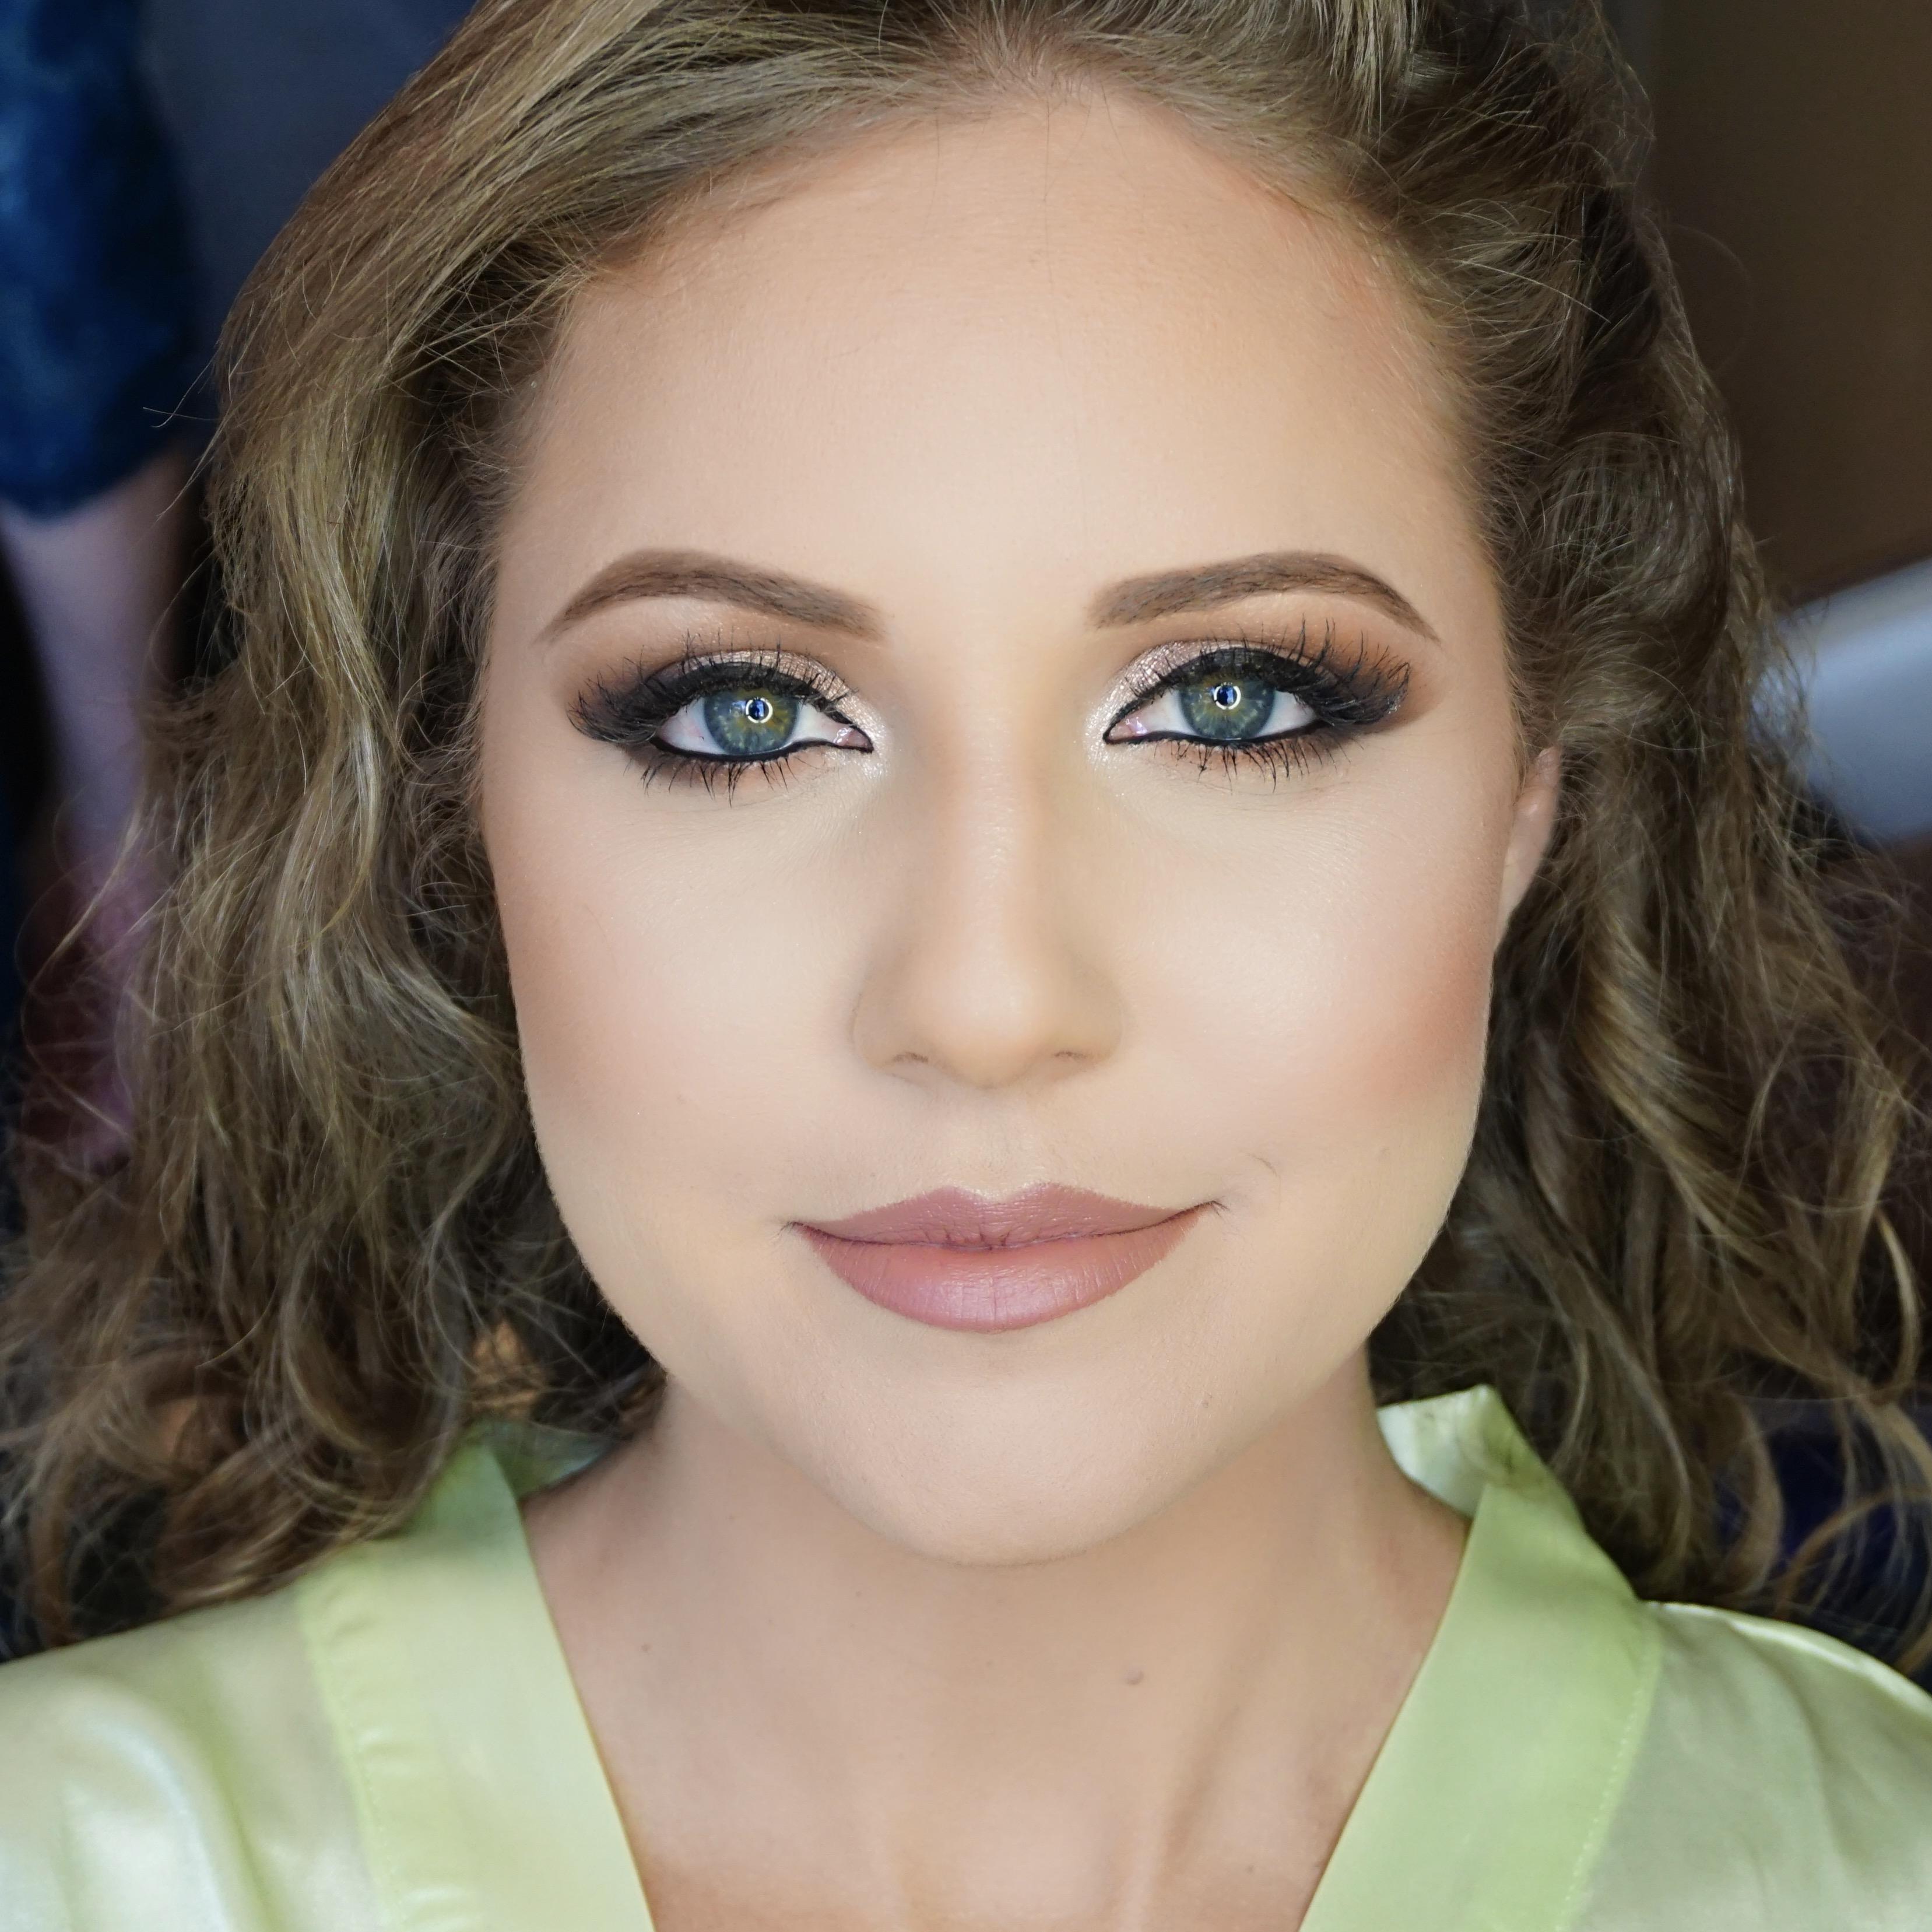 Rachel Eman